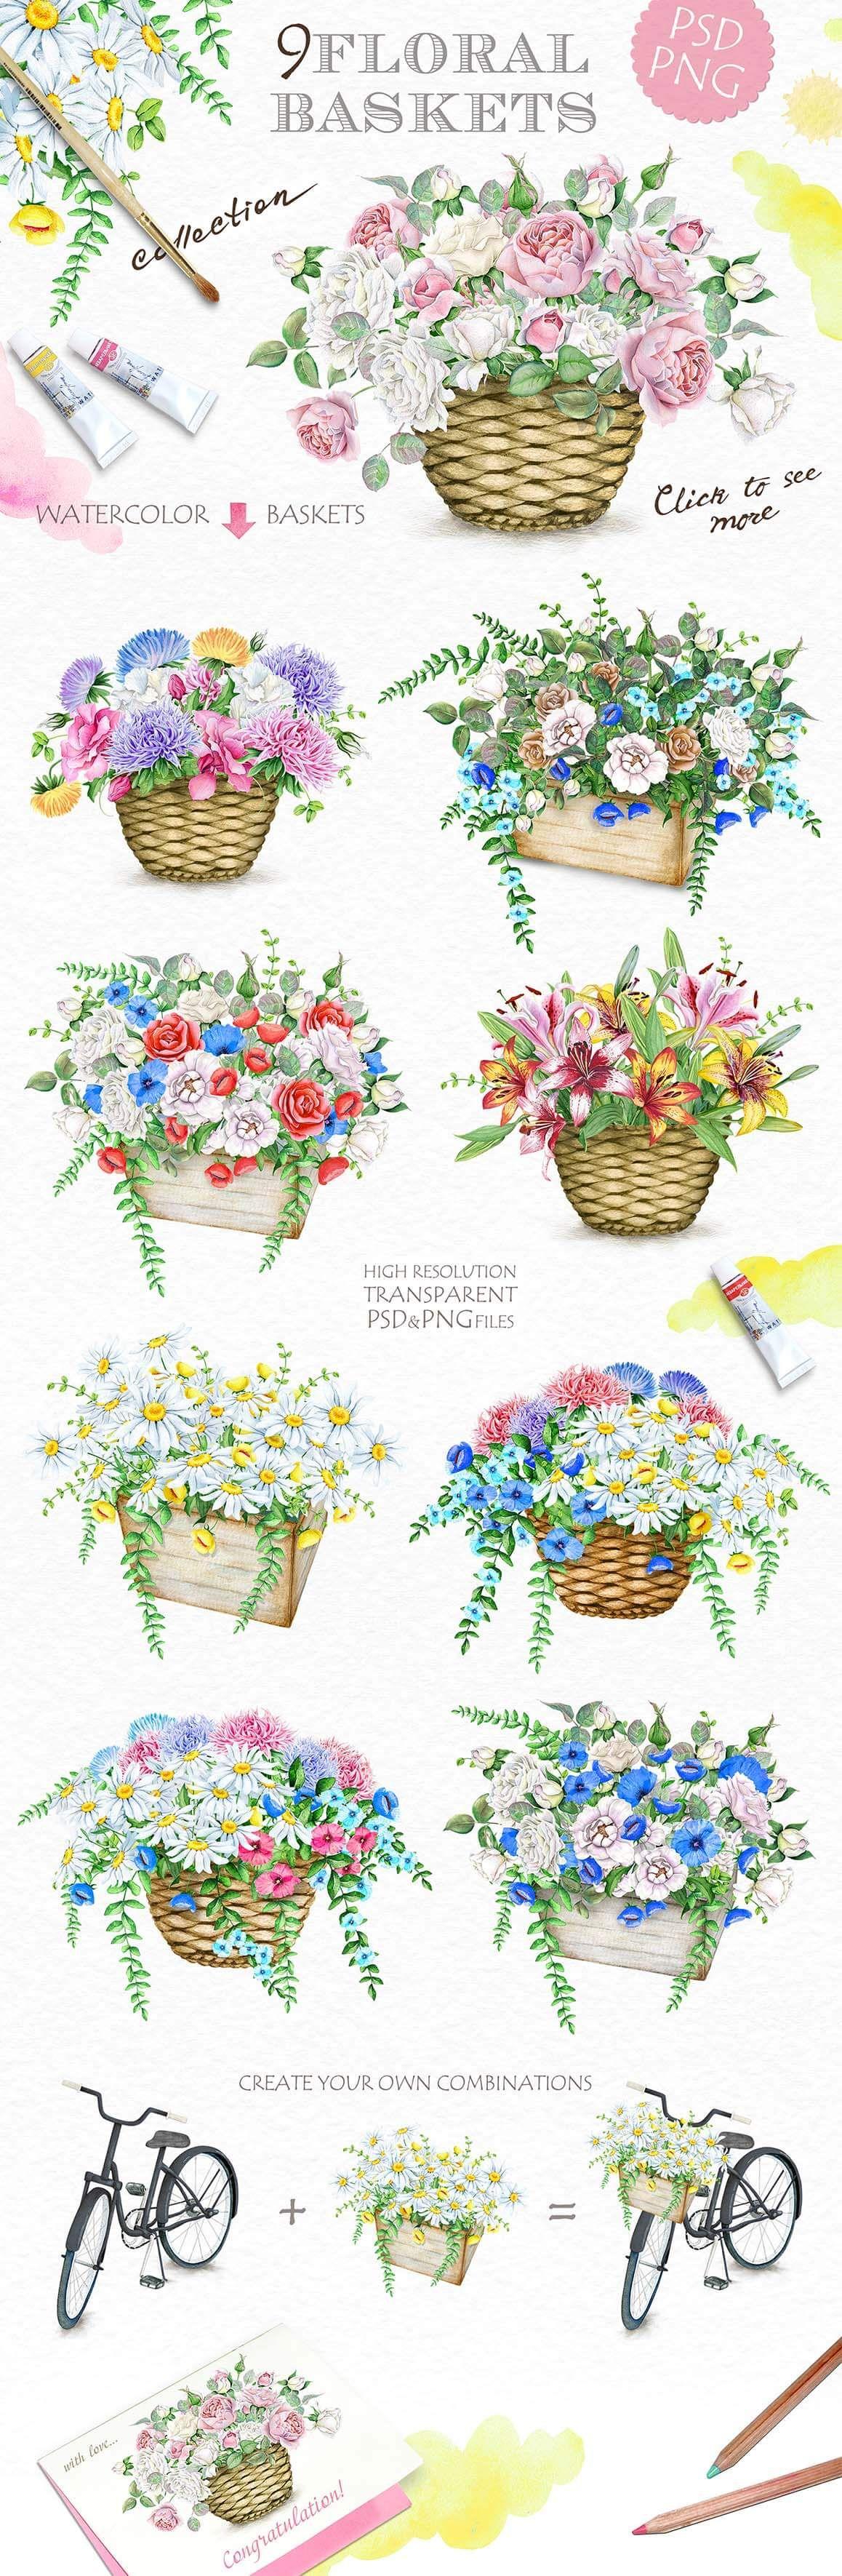 Bicycle Flowers Graphic Design Bundle - watercolor illustration bundle